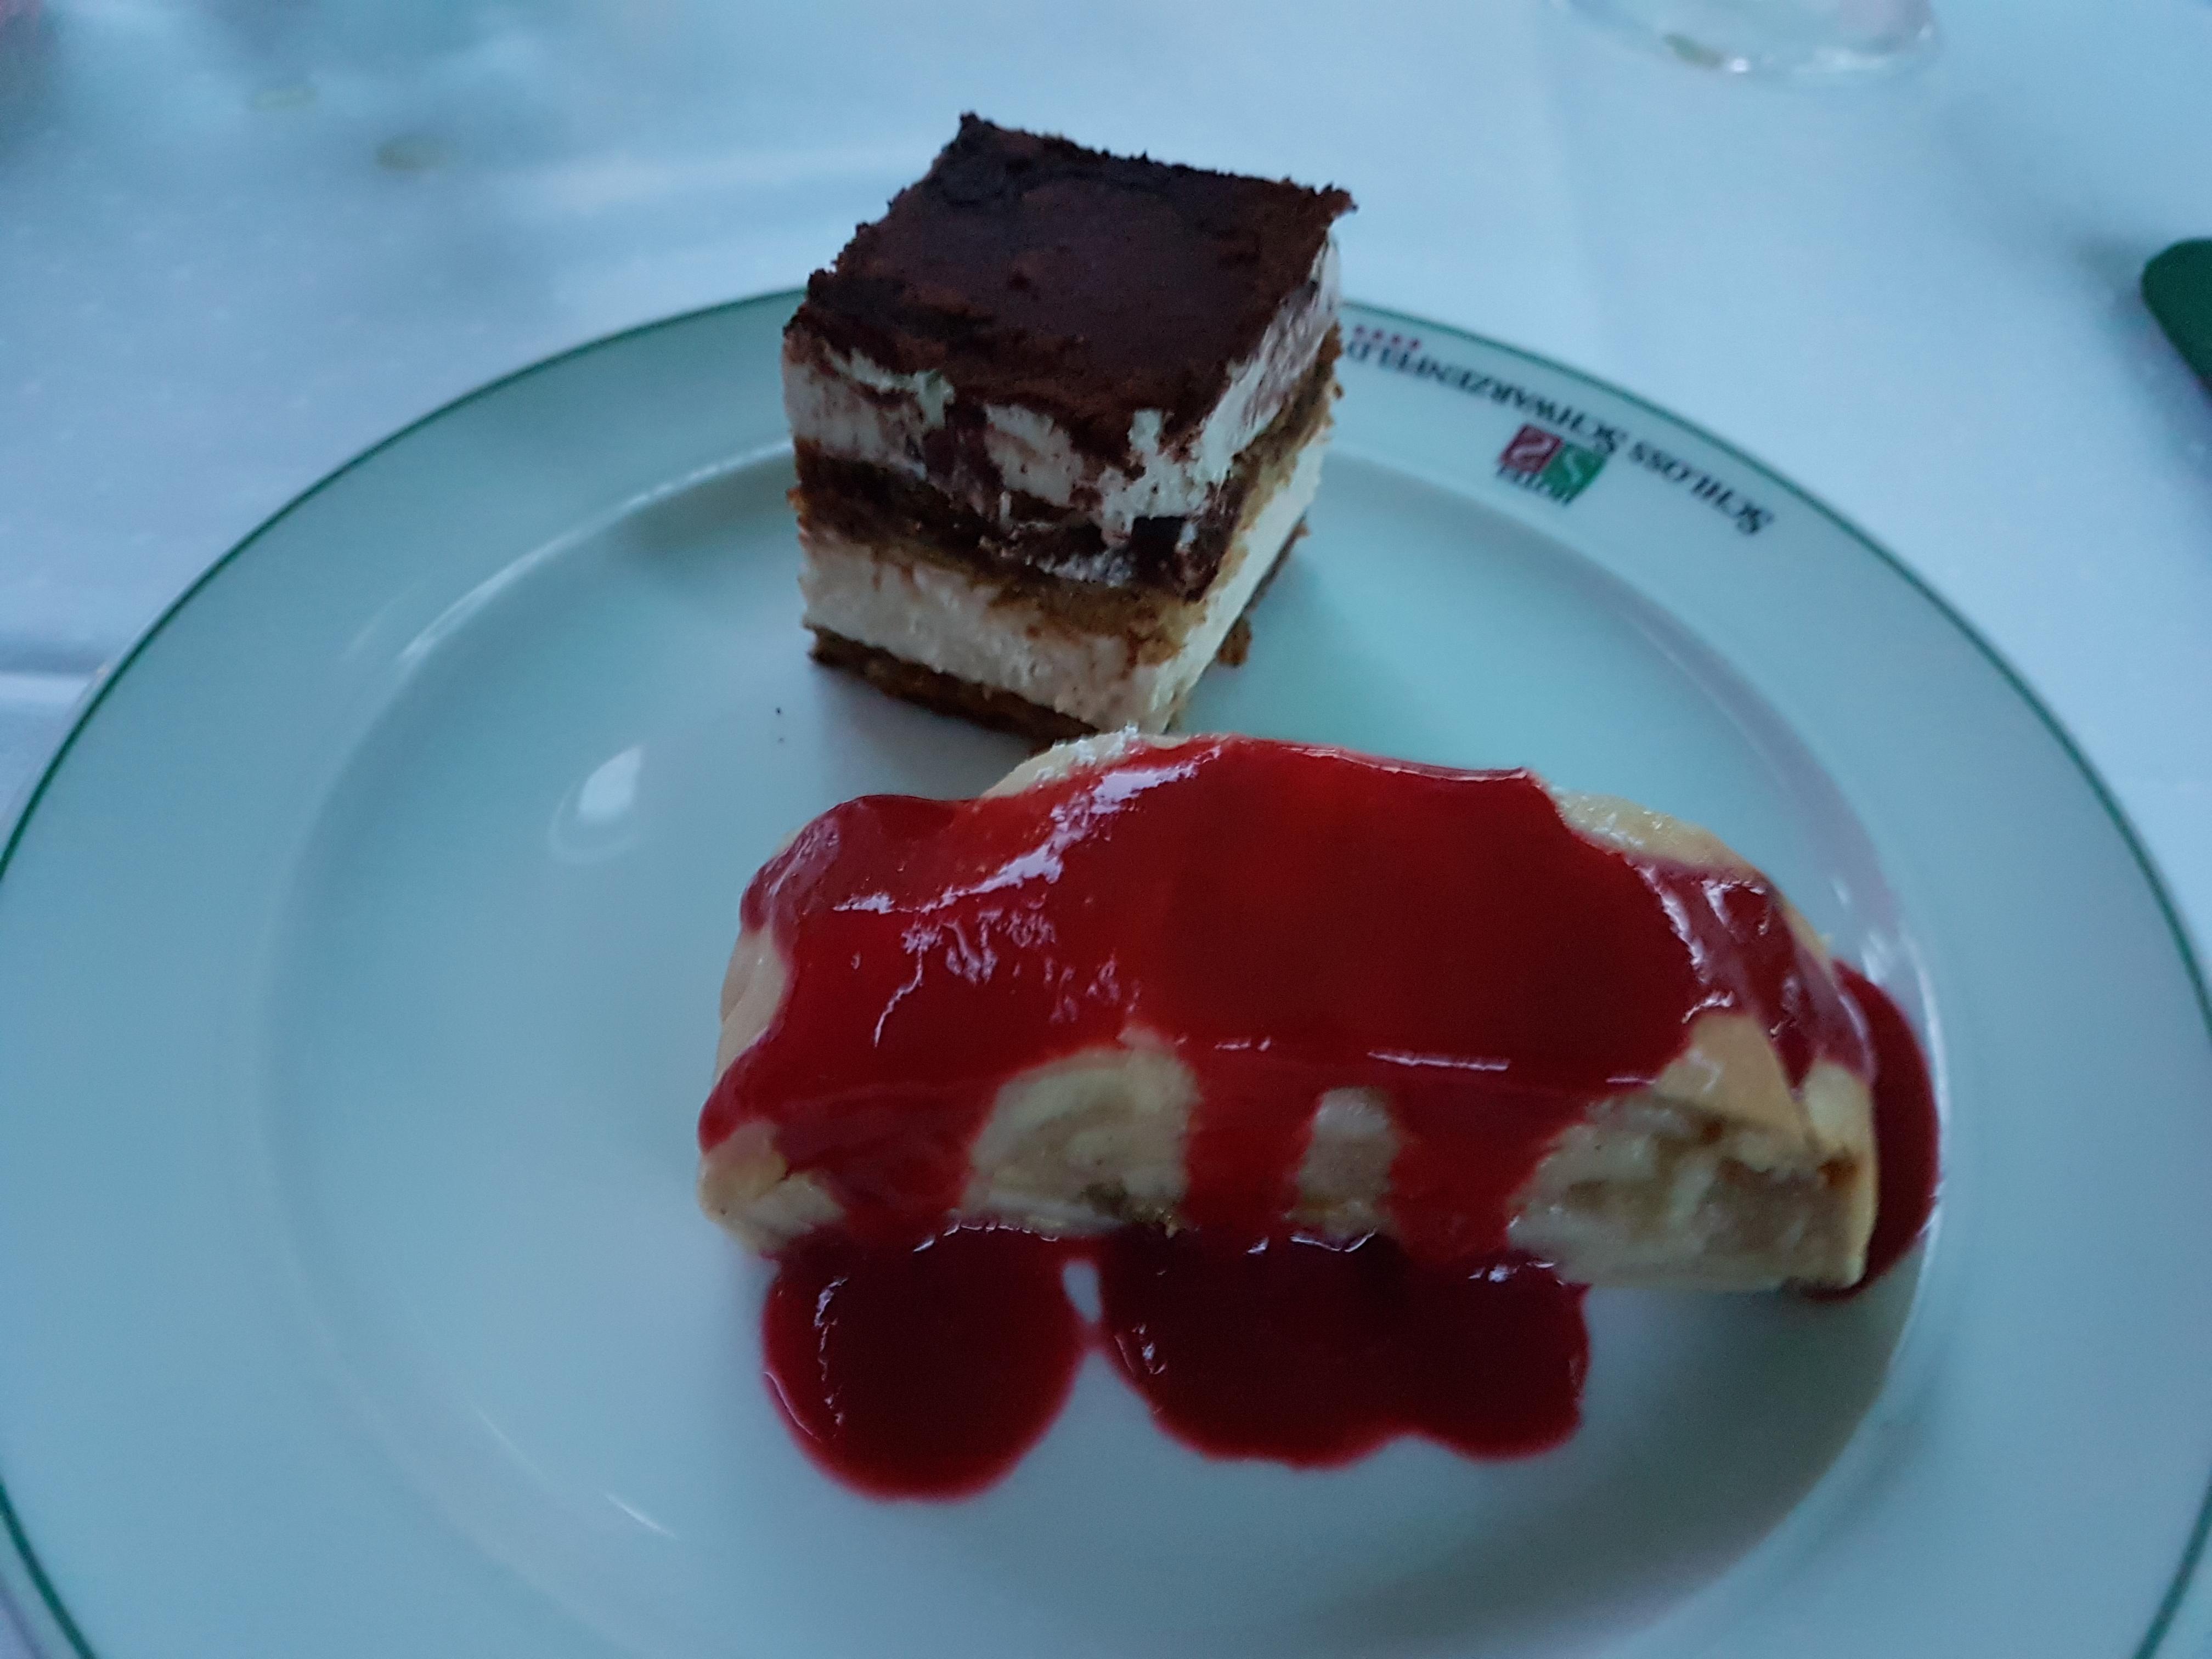 http://foodloader.net/Holz_2017-08-25_Tiramisu_und_Apfelstrudel.jpg